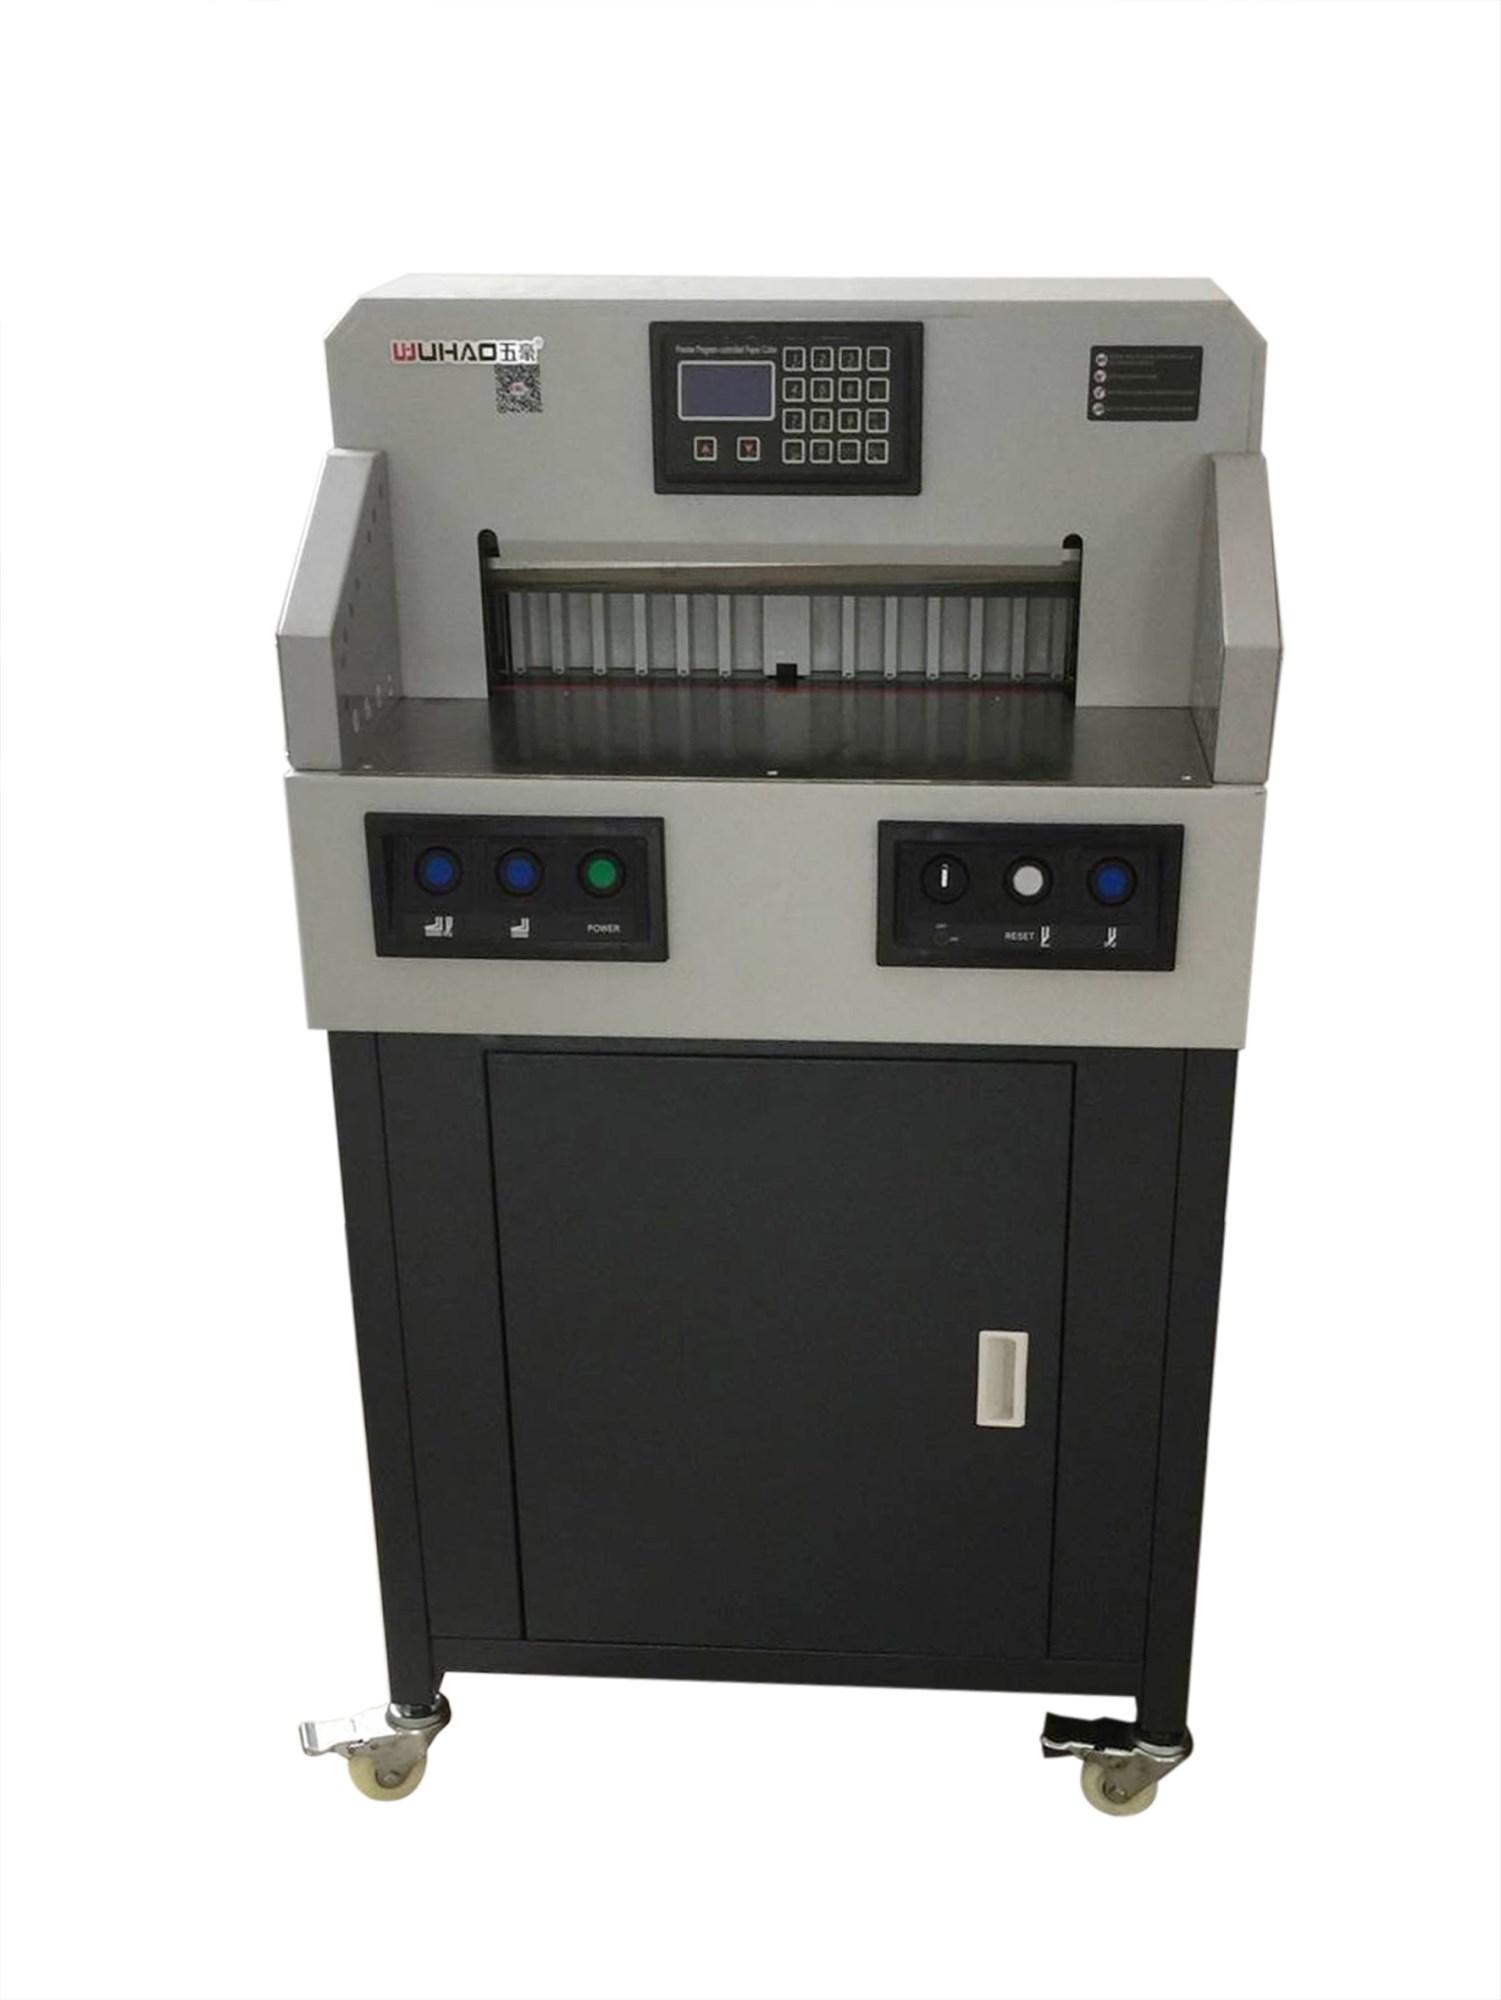 เครื่องตัดกระดาษไฟฟ้า รุ่น 4808H PAPER CUTTER